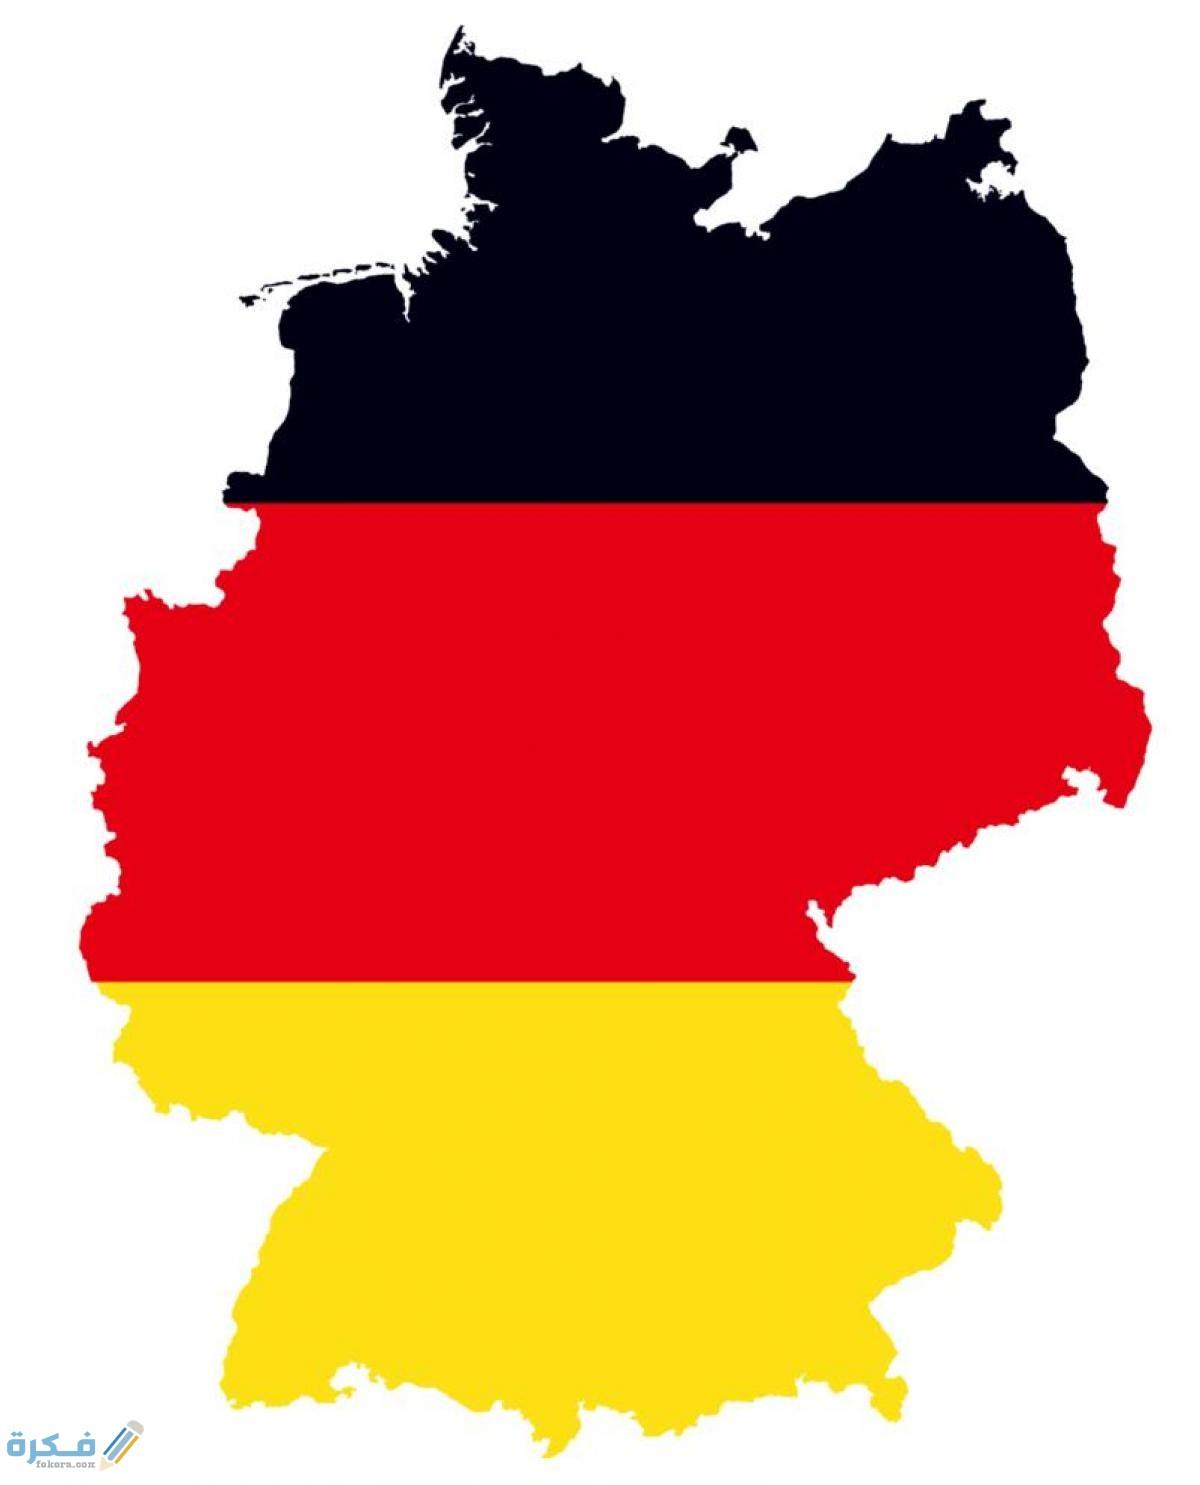 صور خريطة المانيا والدول المجاورة لها بالعربي كاملة موقع فكرة